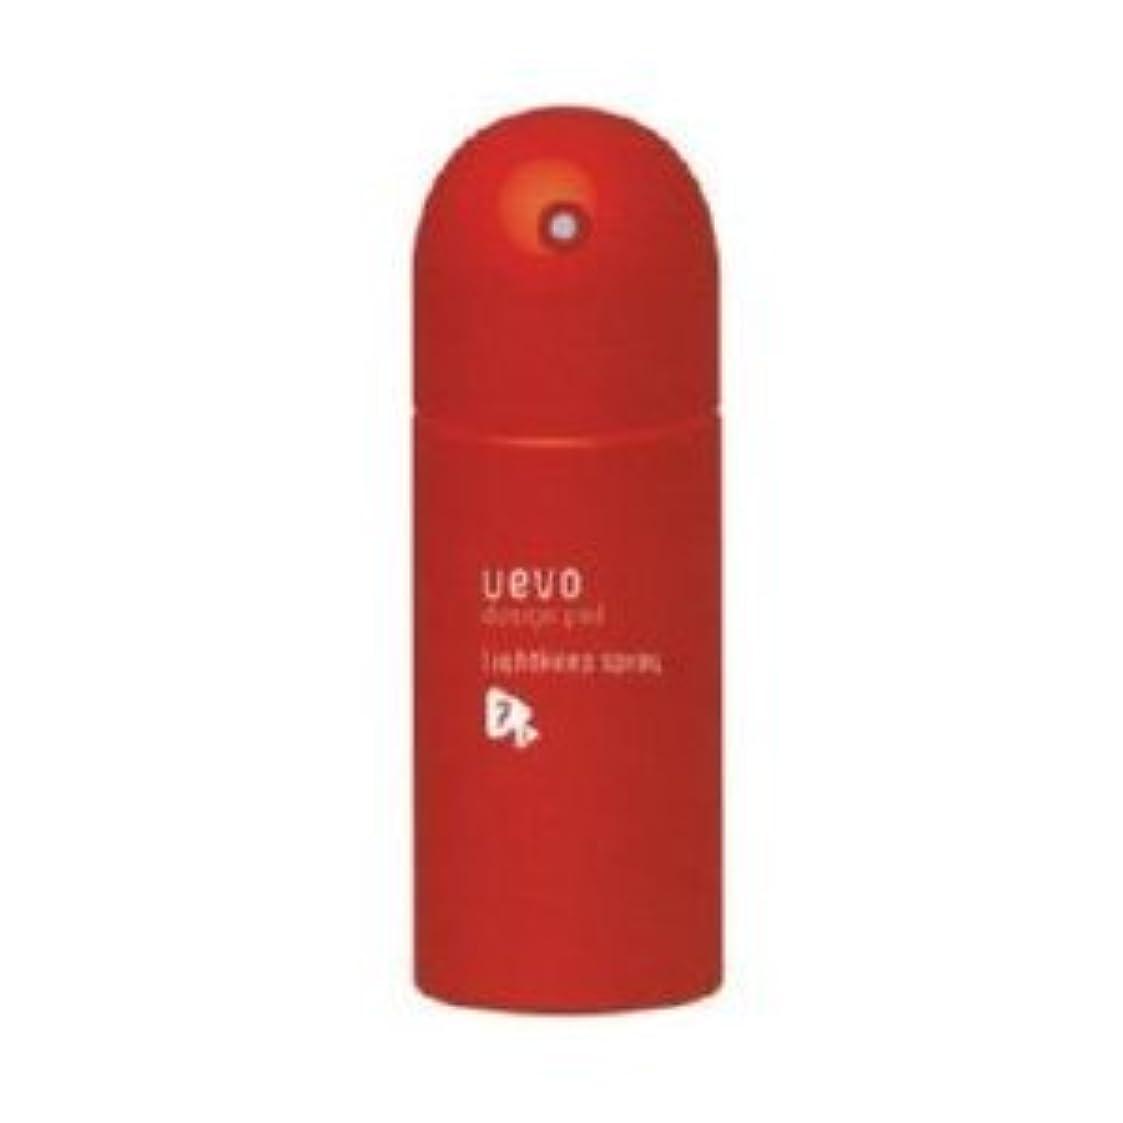 最大限感動する朝ごはん【X2個セット】 デミ ウェーボ デザインポッド ライトキープスプレー 220ml lightkeep spray DEMI uevo design pod